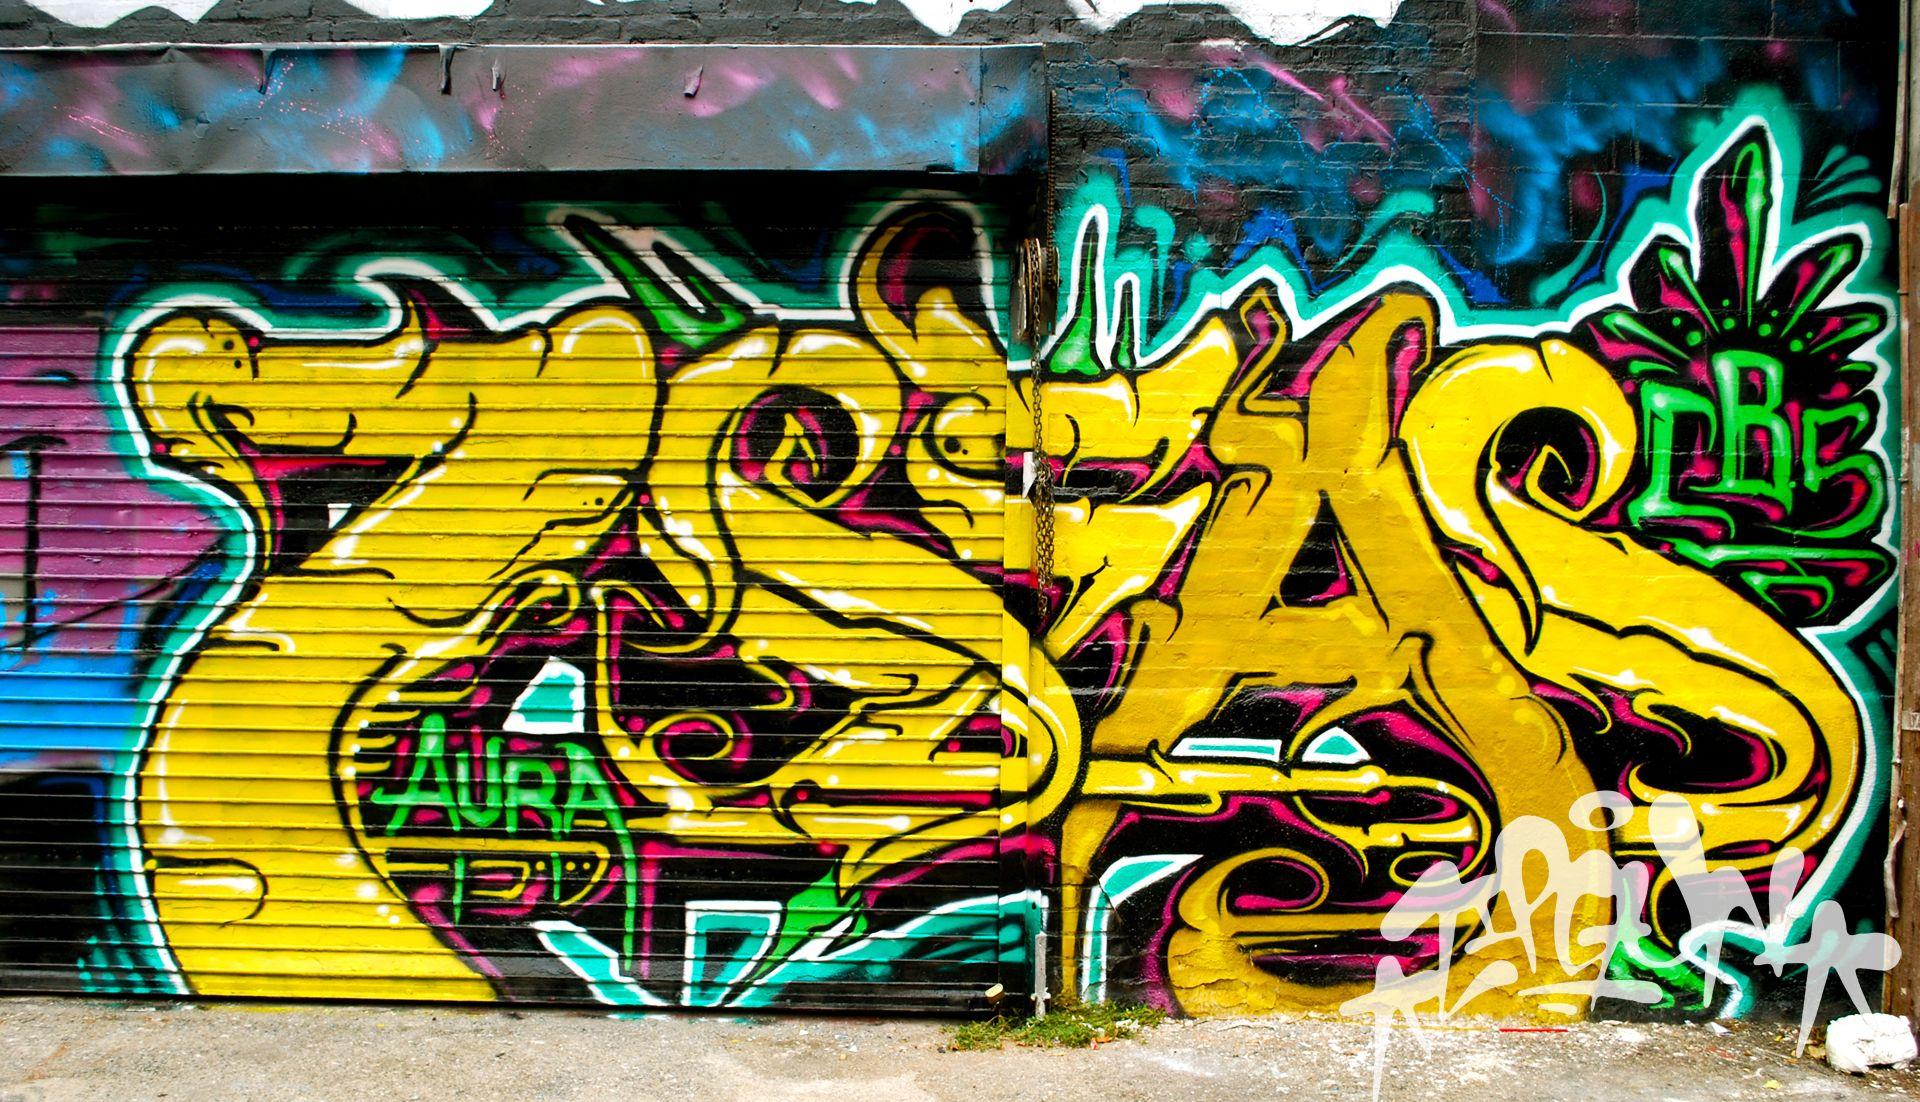 graffiti - Google Search | graffiti | Pinterest | Graffiti and ...